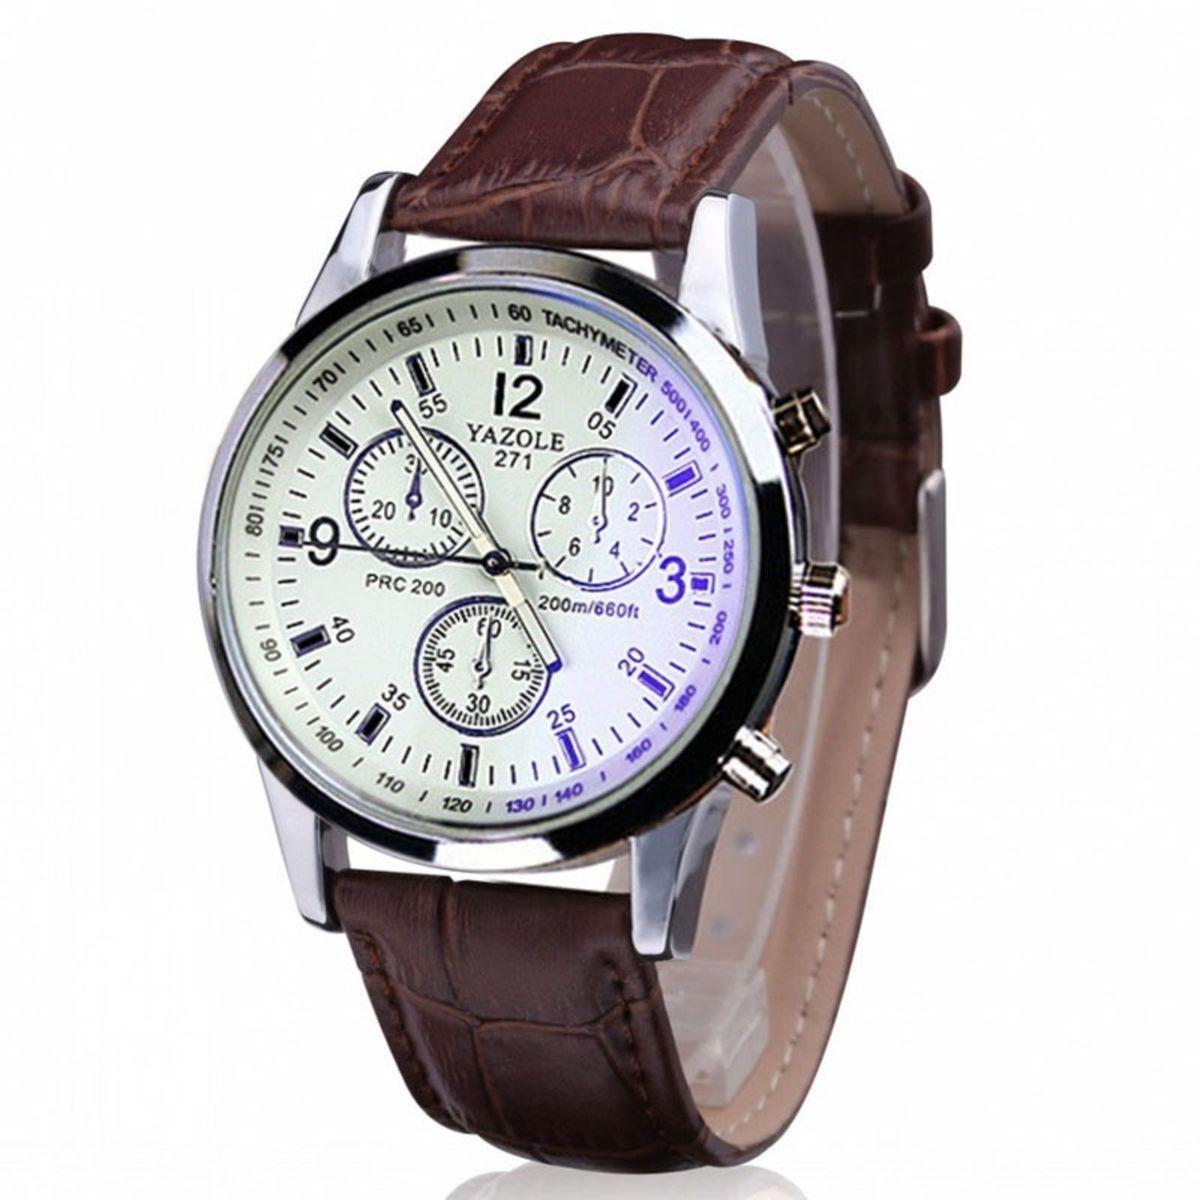 56171674527 Relógio para Homem Pulseira de Couro Marrom Bom Preço Barato ...